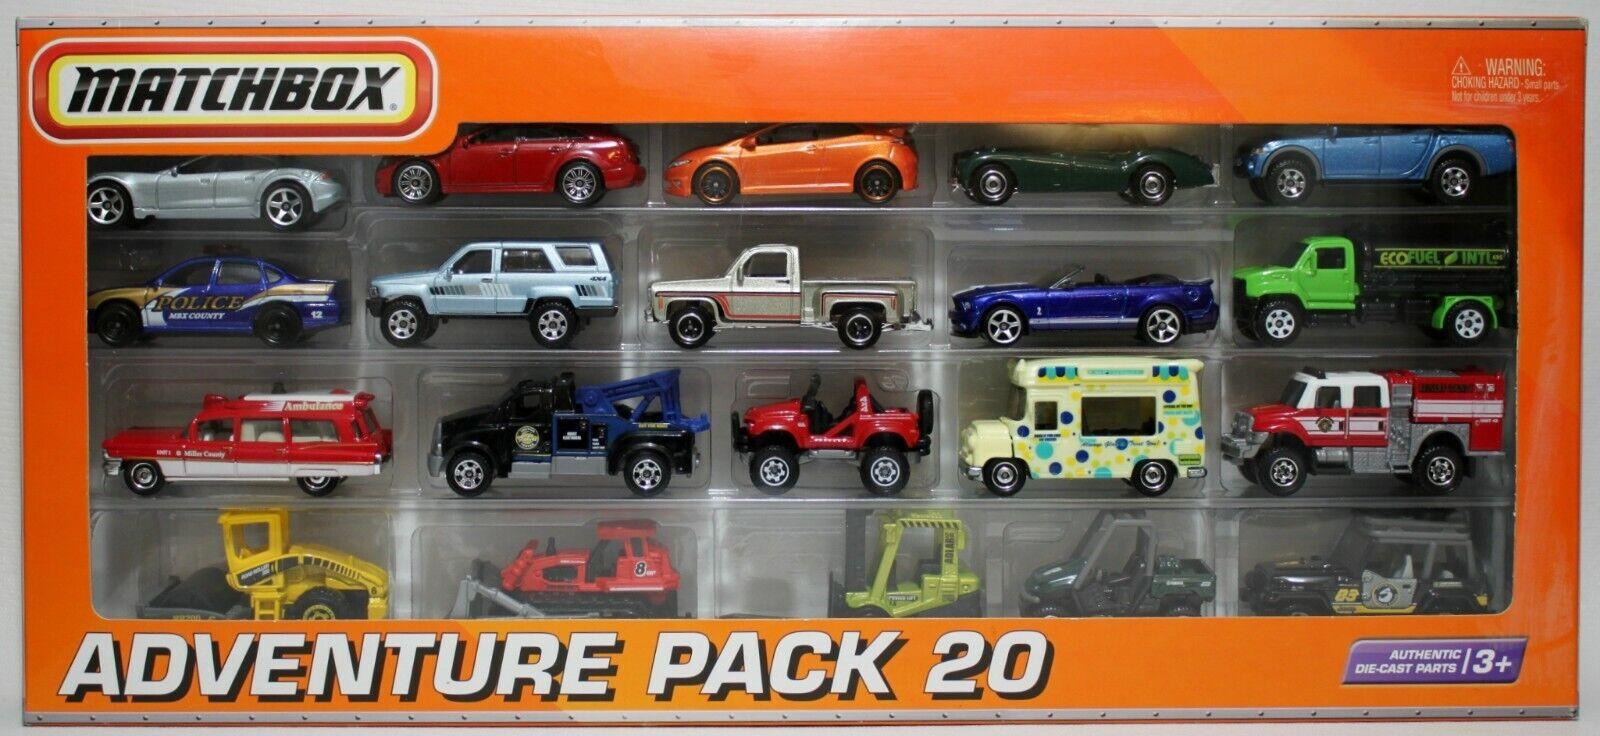 2010 paquete De Aventura Matchbox 20  muy difícil de encontrar Ambulancia Cadillac de Toyota 4 Runner civic